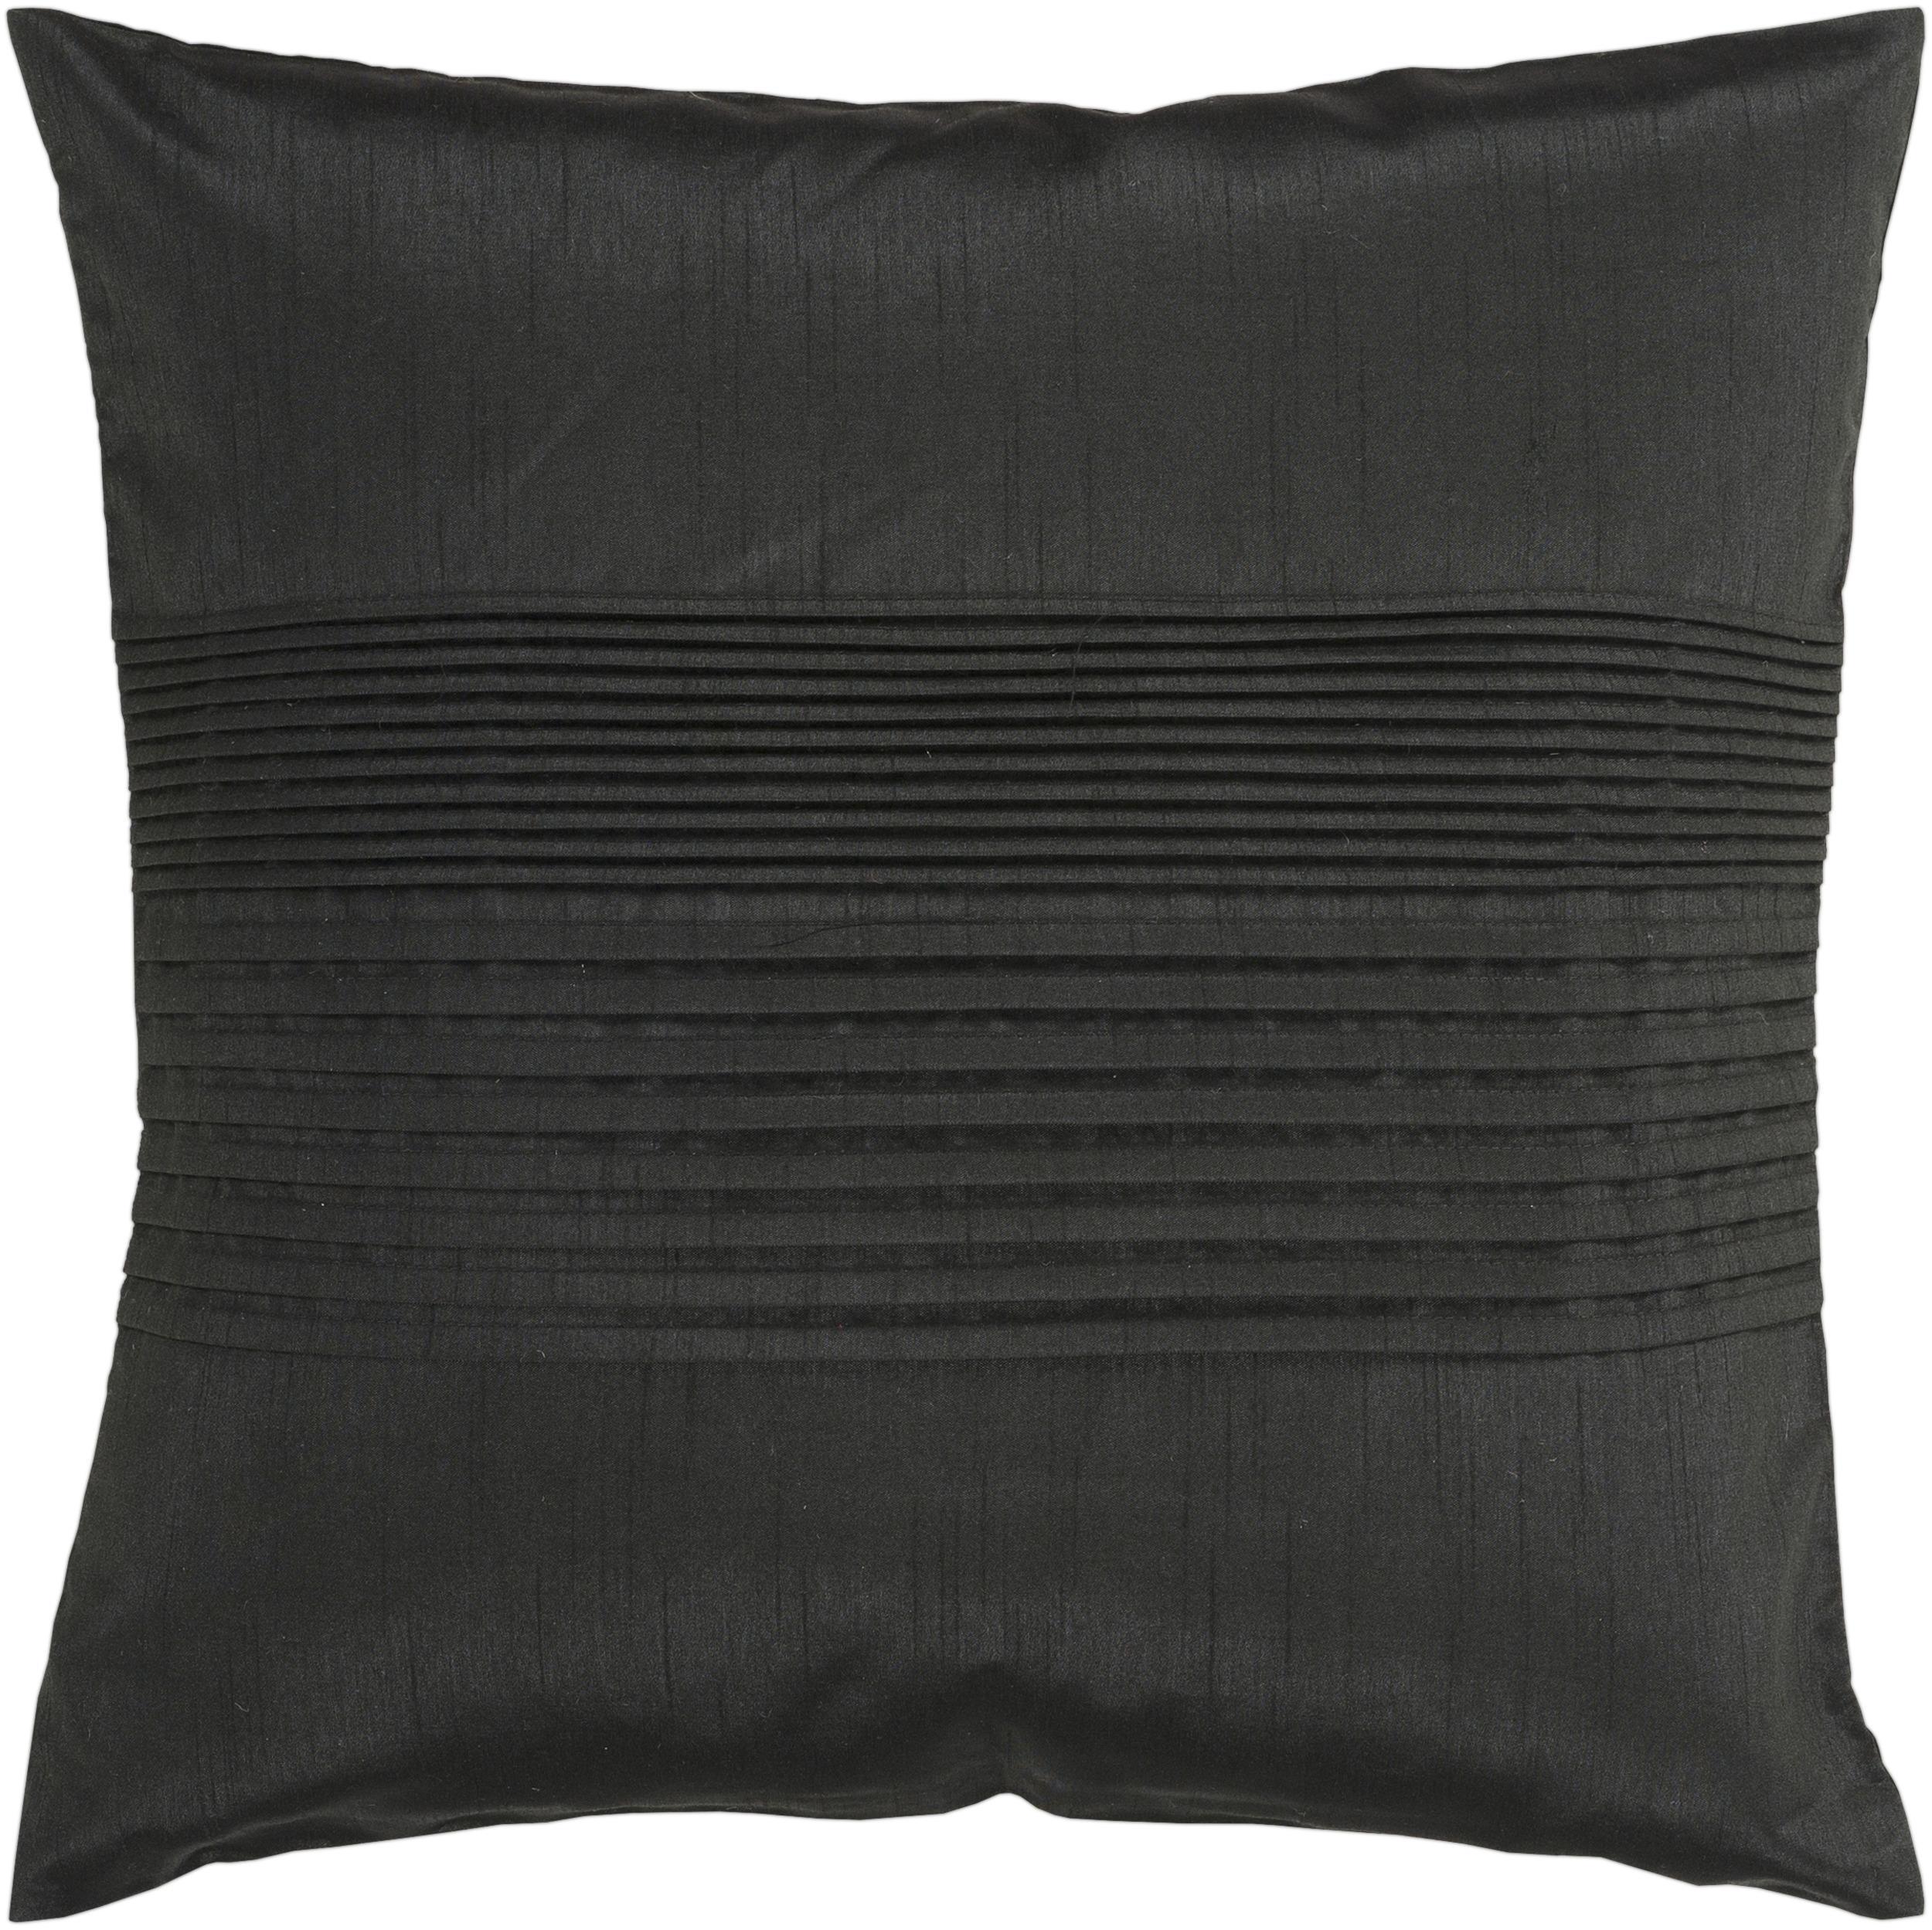 """Surya Pillows 18"""" x 18"""" Pillow - Item Number: HH027-1818P"""